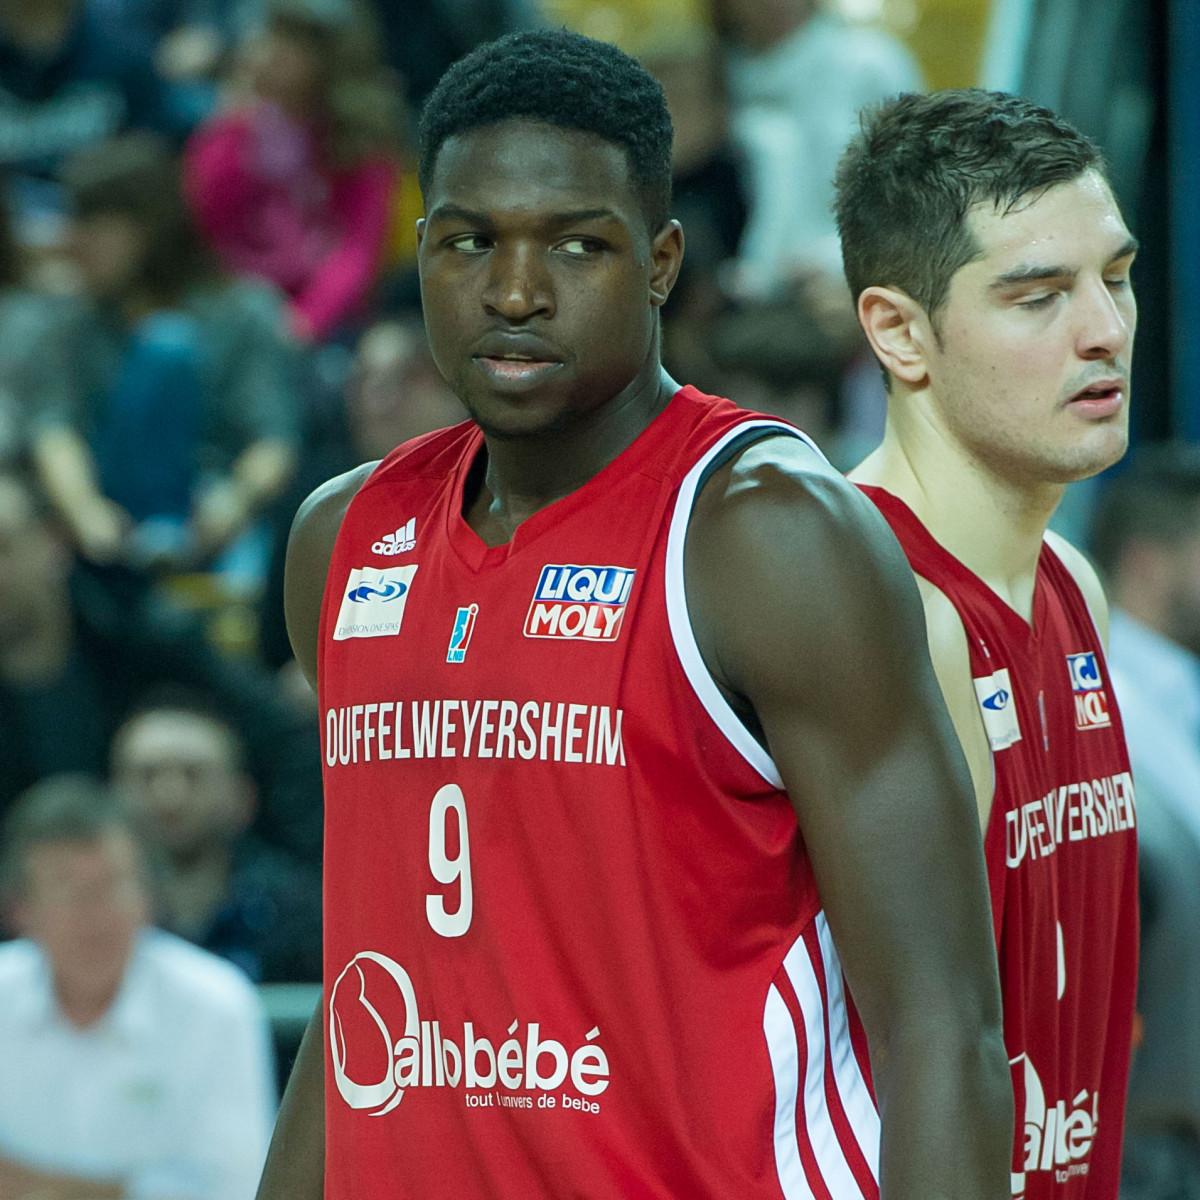 Photo of Jacques Alingue, 2013-2014 season